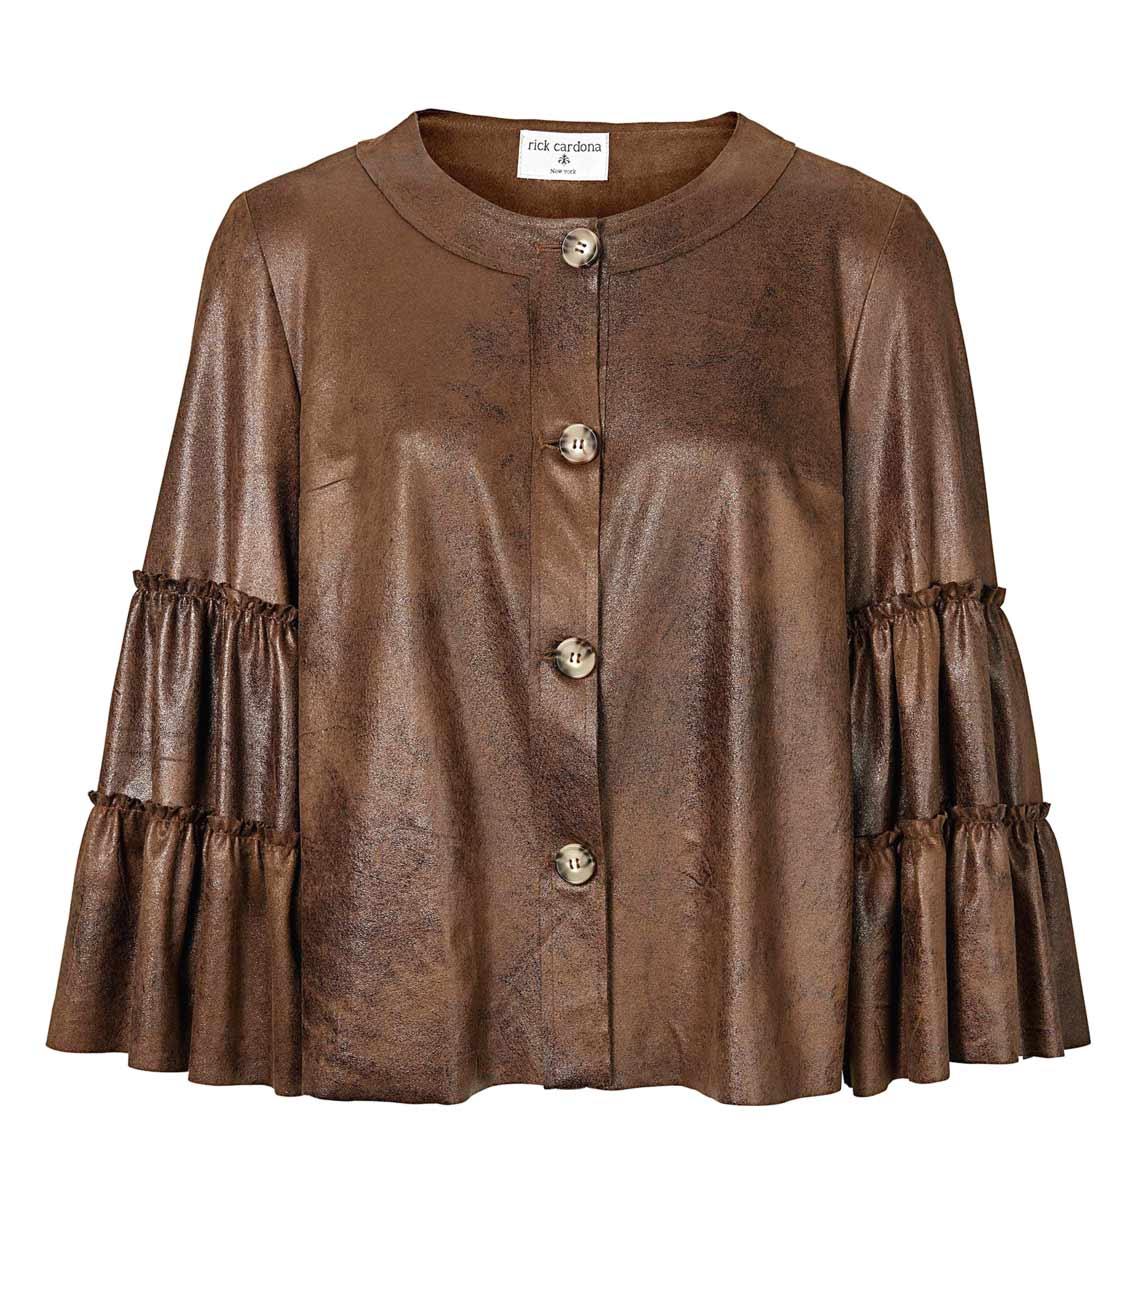 jacken auf rechnung bestellen als neukunde RICK CARDONA Damen Designer-Lederimitatjacke Cognac Kunstleder Luxusjacke Glanz 055.433 MISSFORTY